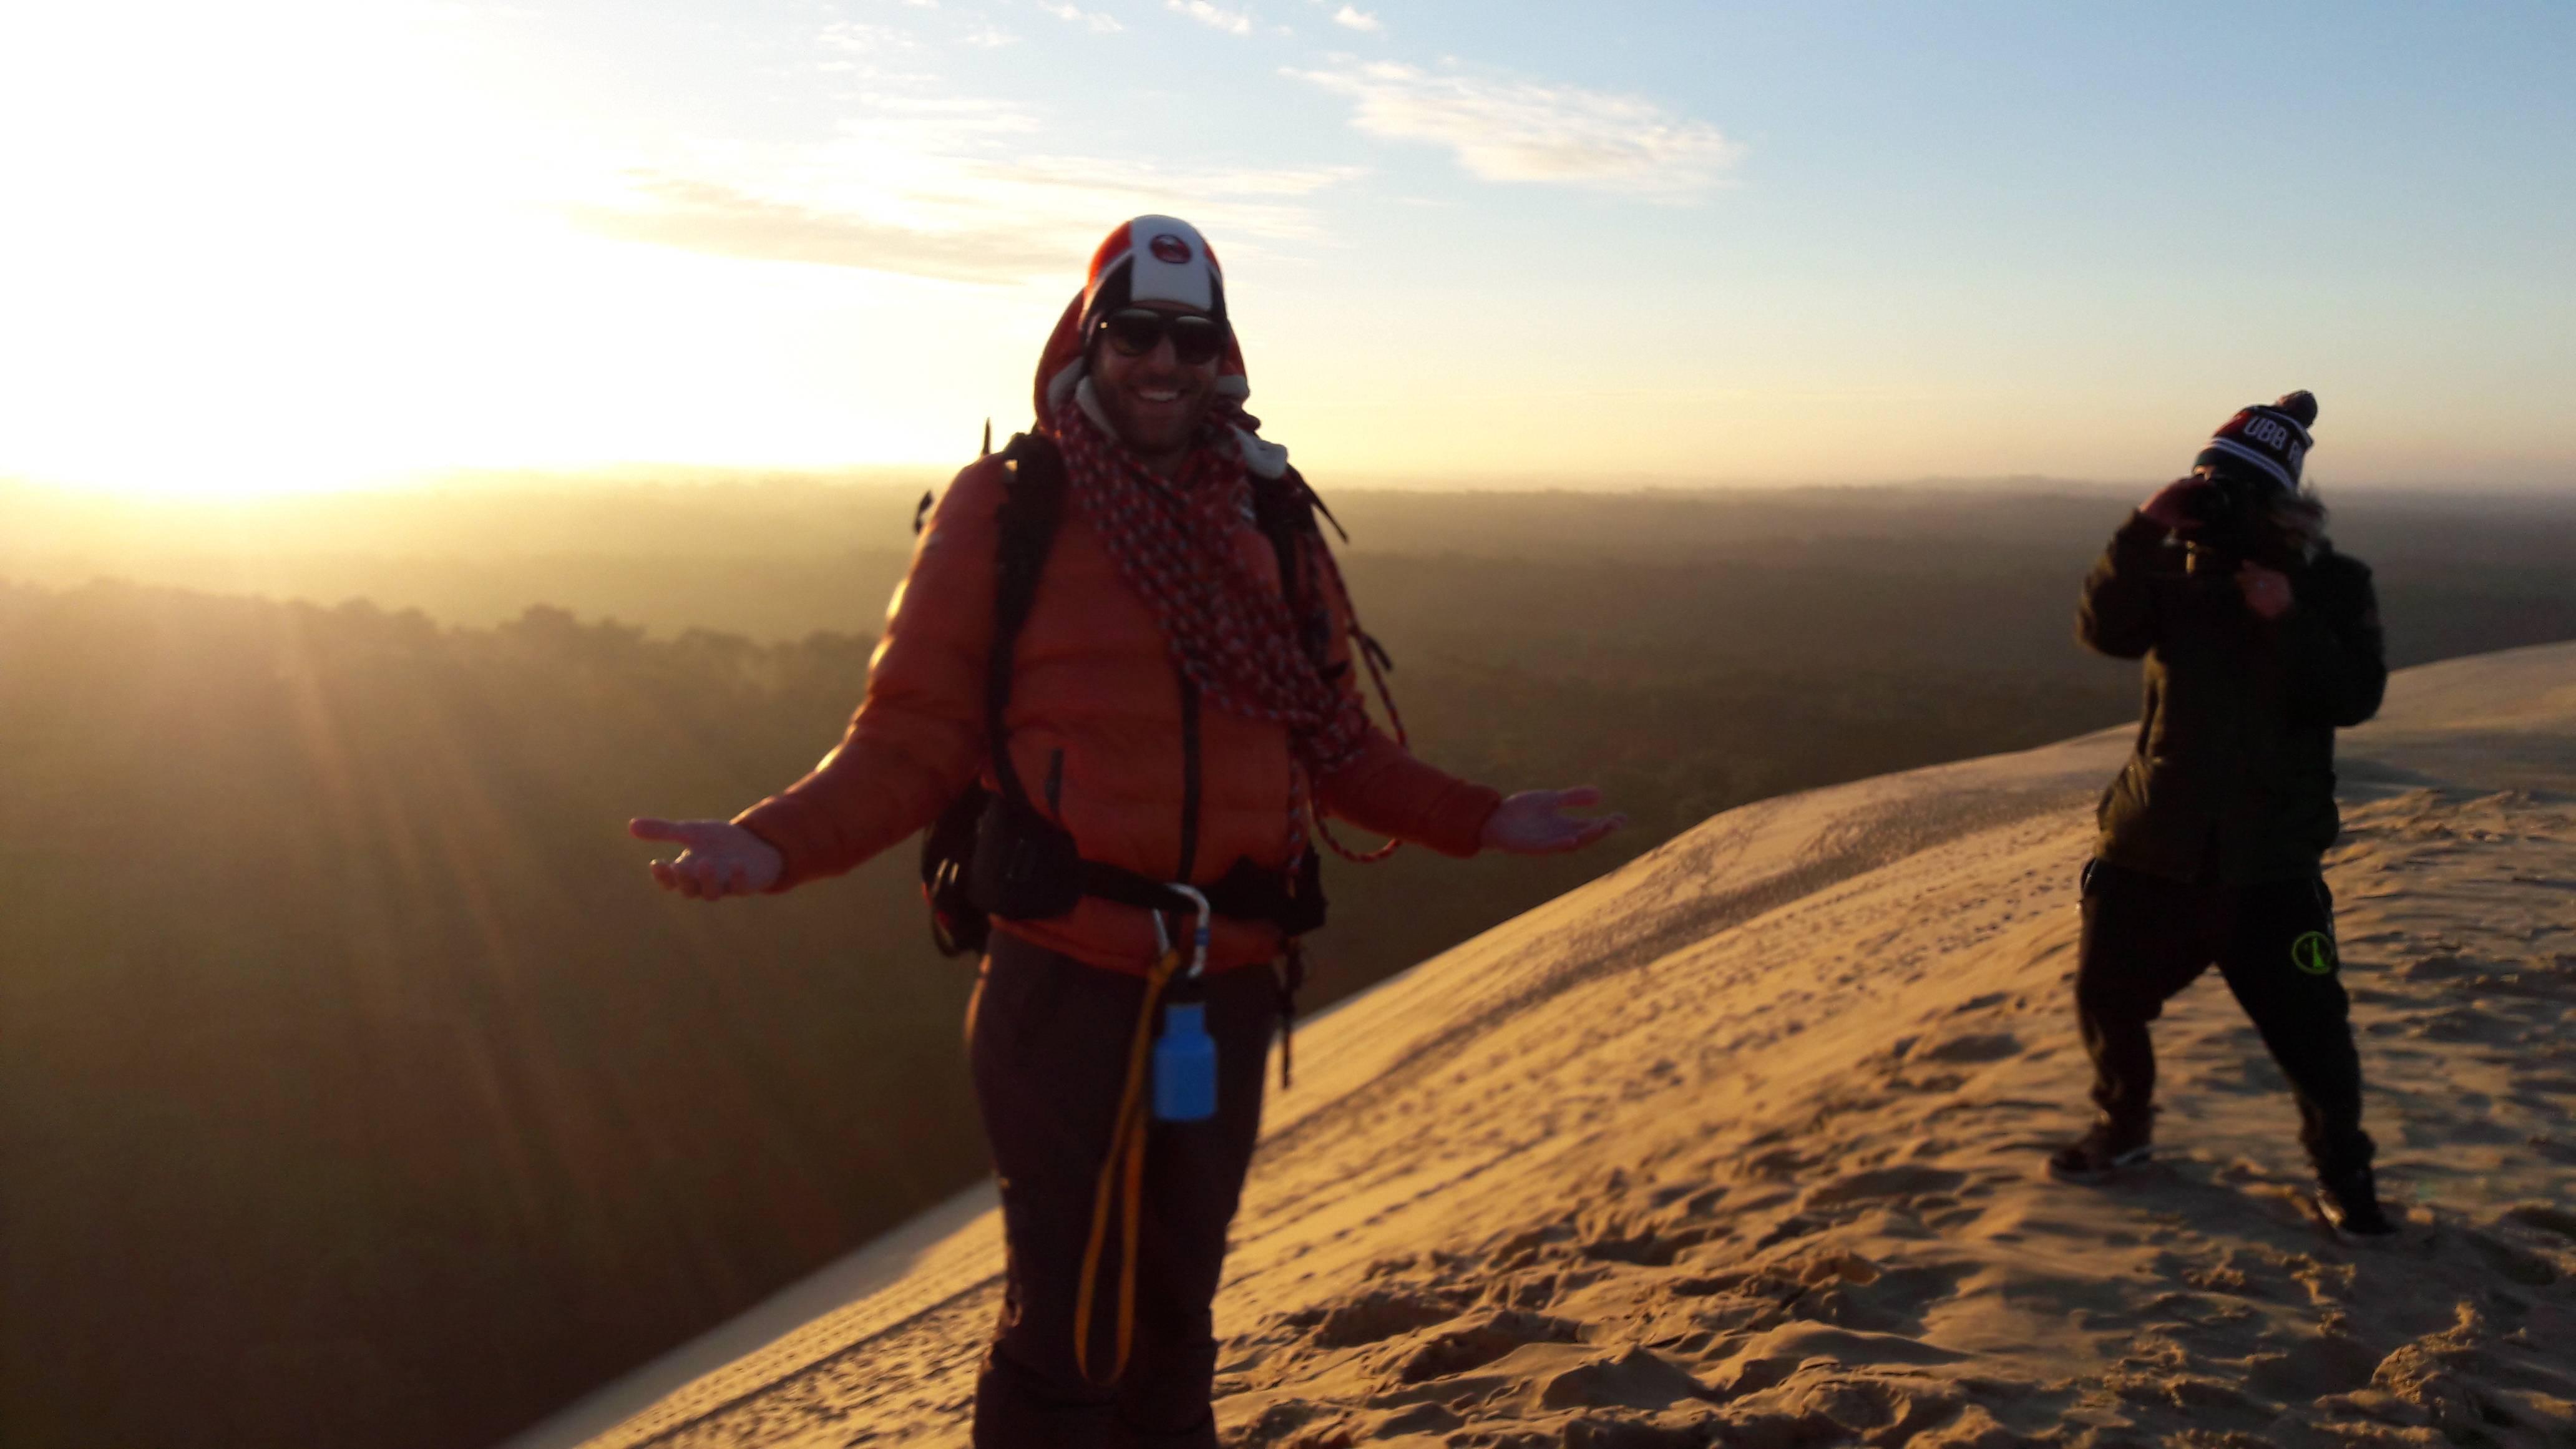 """Photo 2: La dune du pilat... Mais au """"lever du soleil"""""""